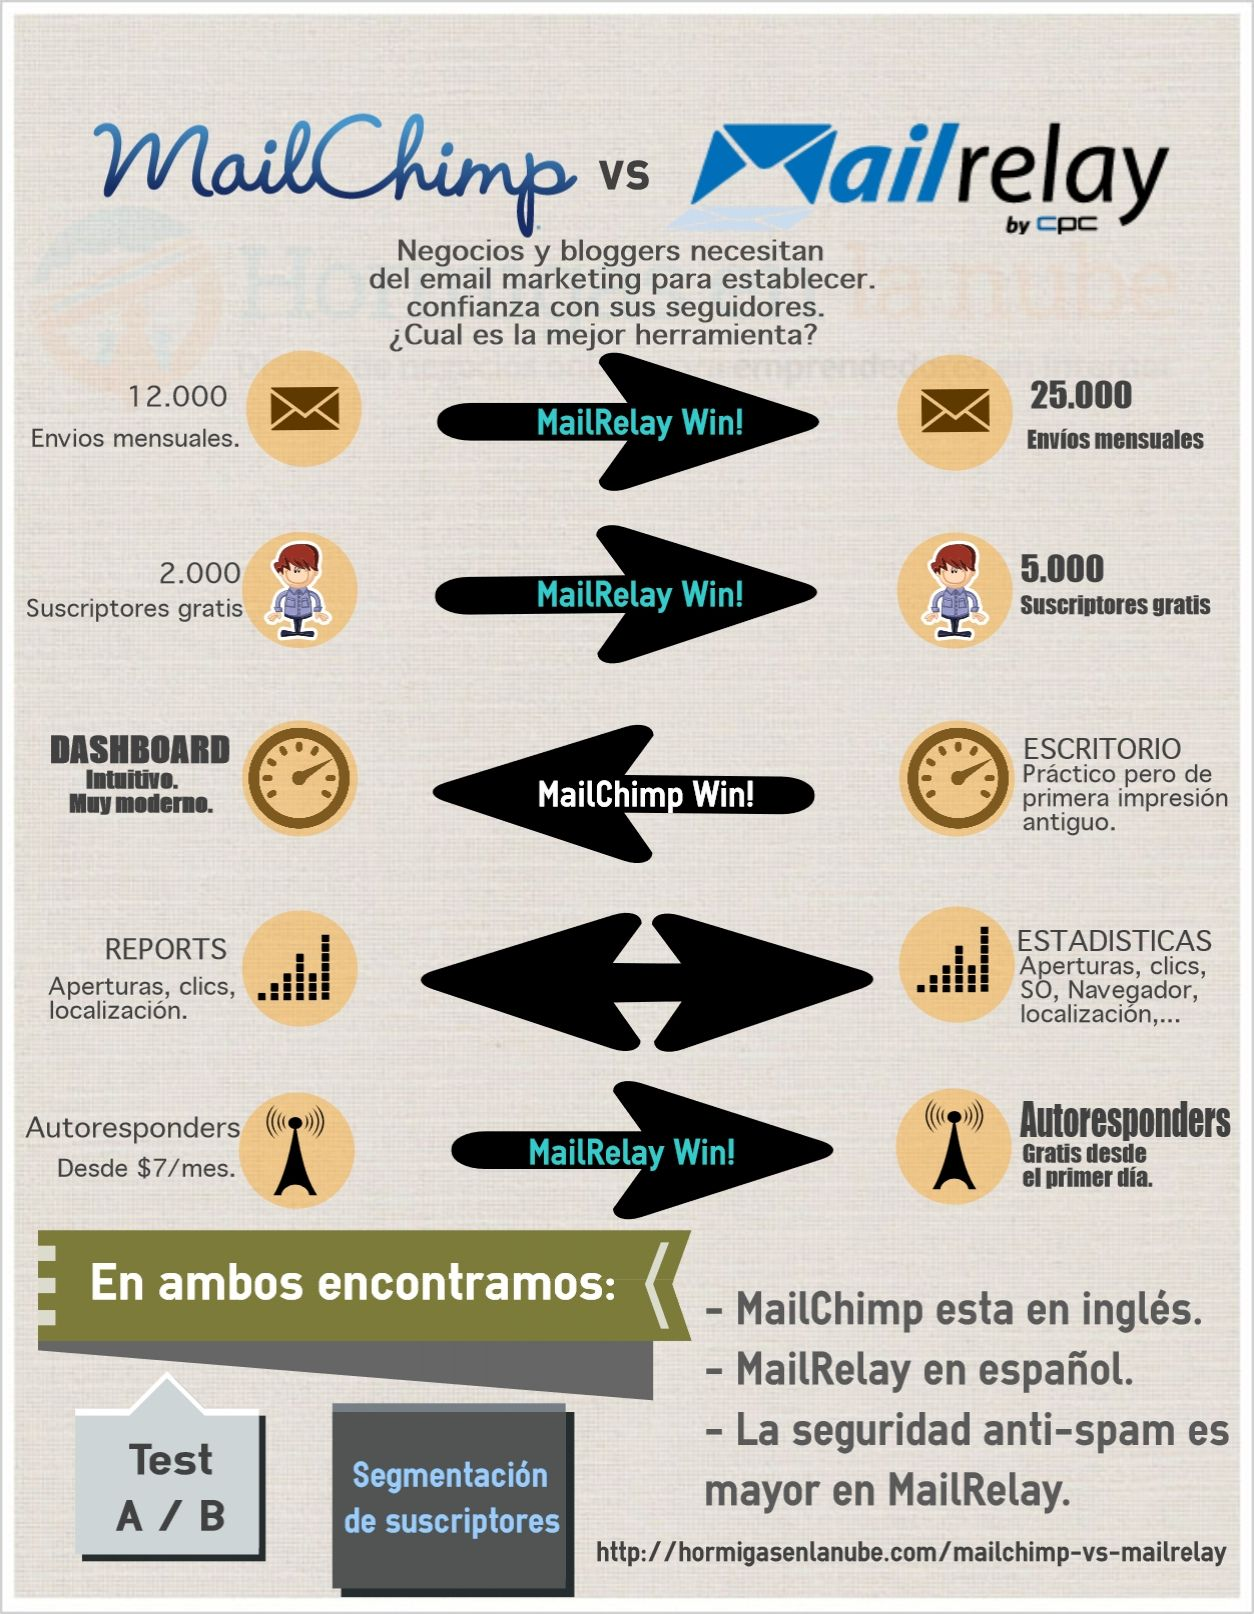 mailchimp-vs-mailrelay